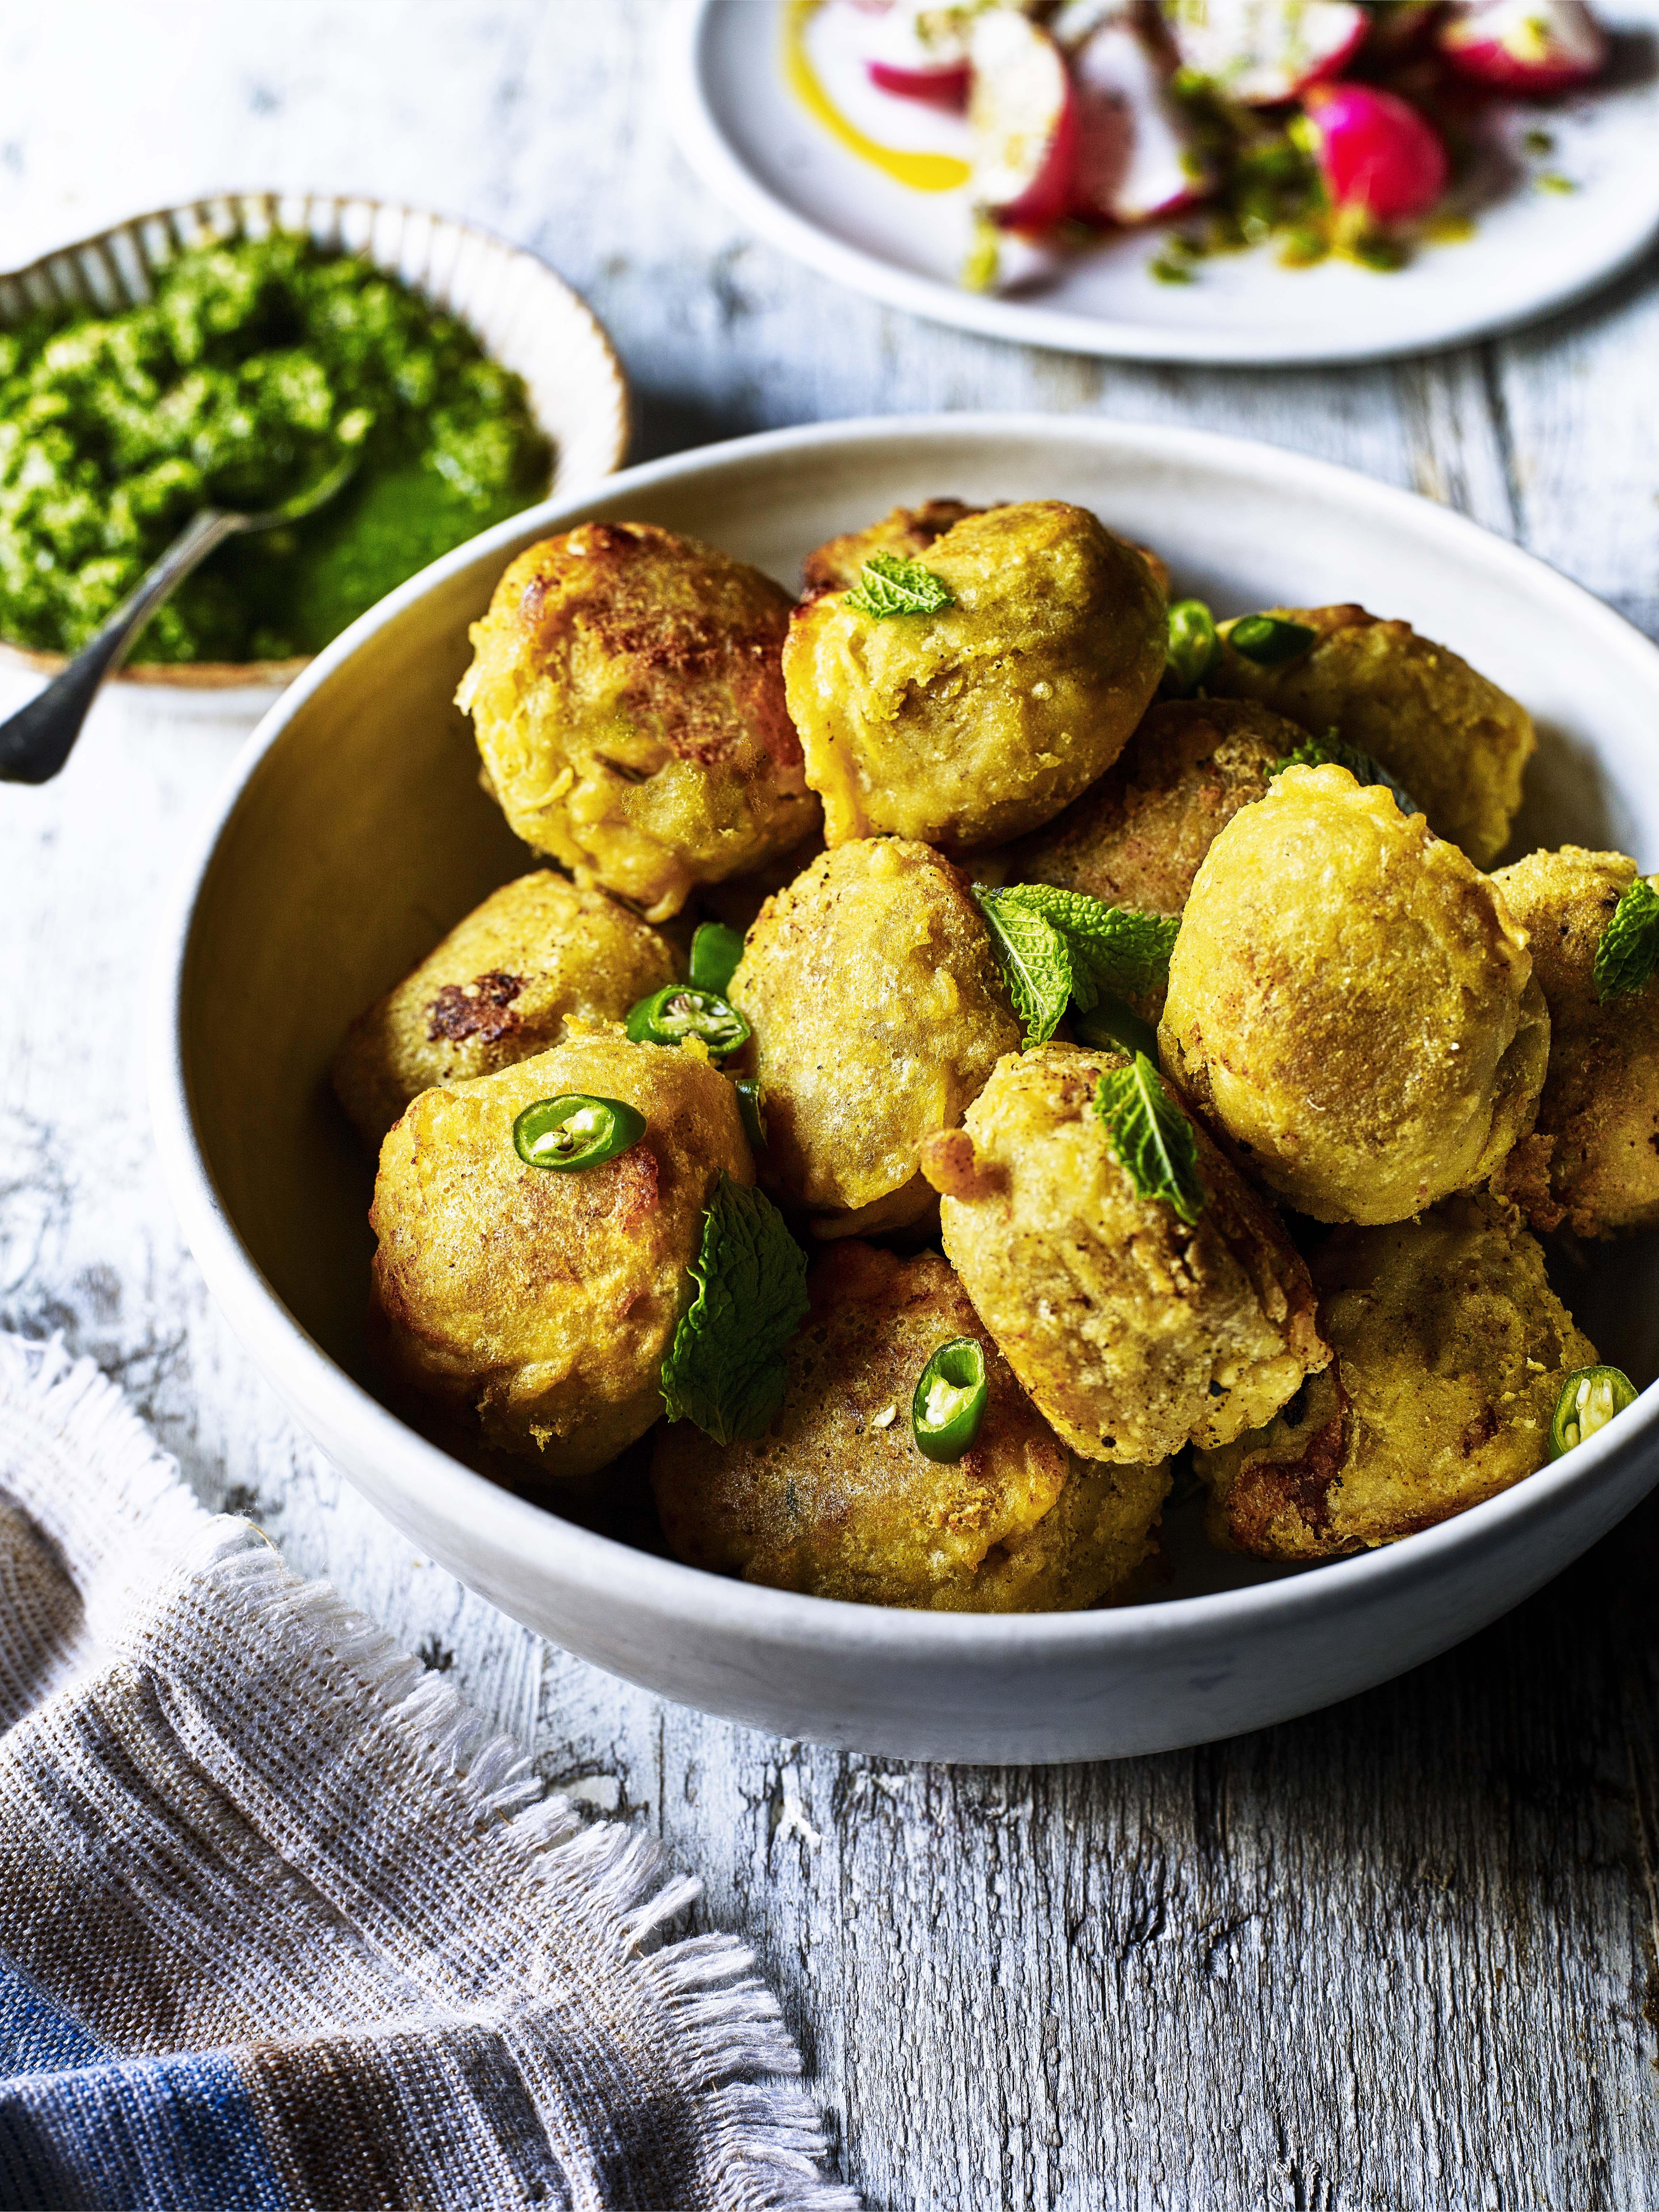 Dhal Vada Spicy Potato And Lentil Snacks Recipe Desi Breakfast